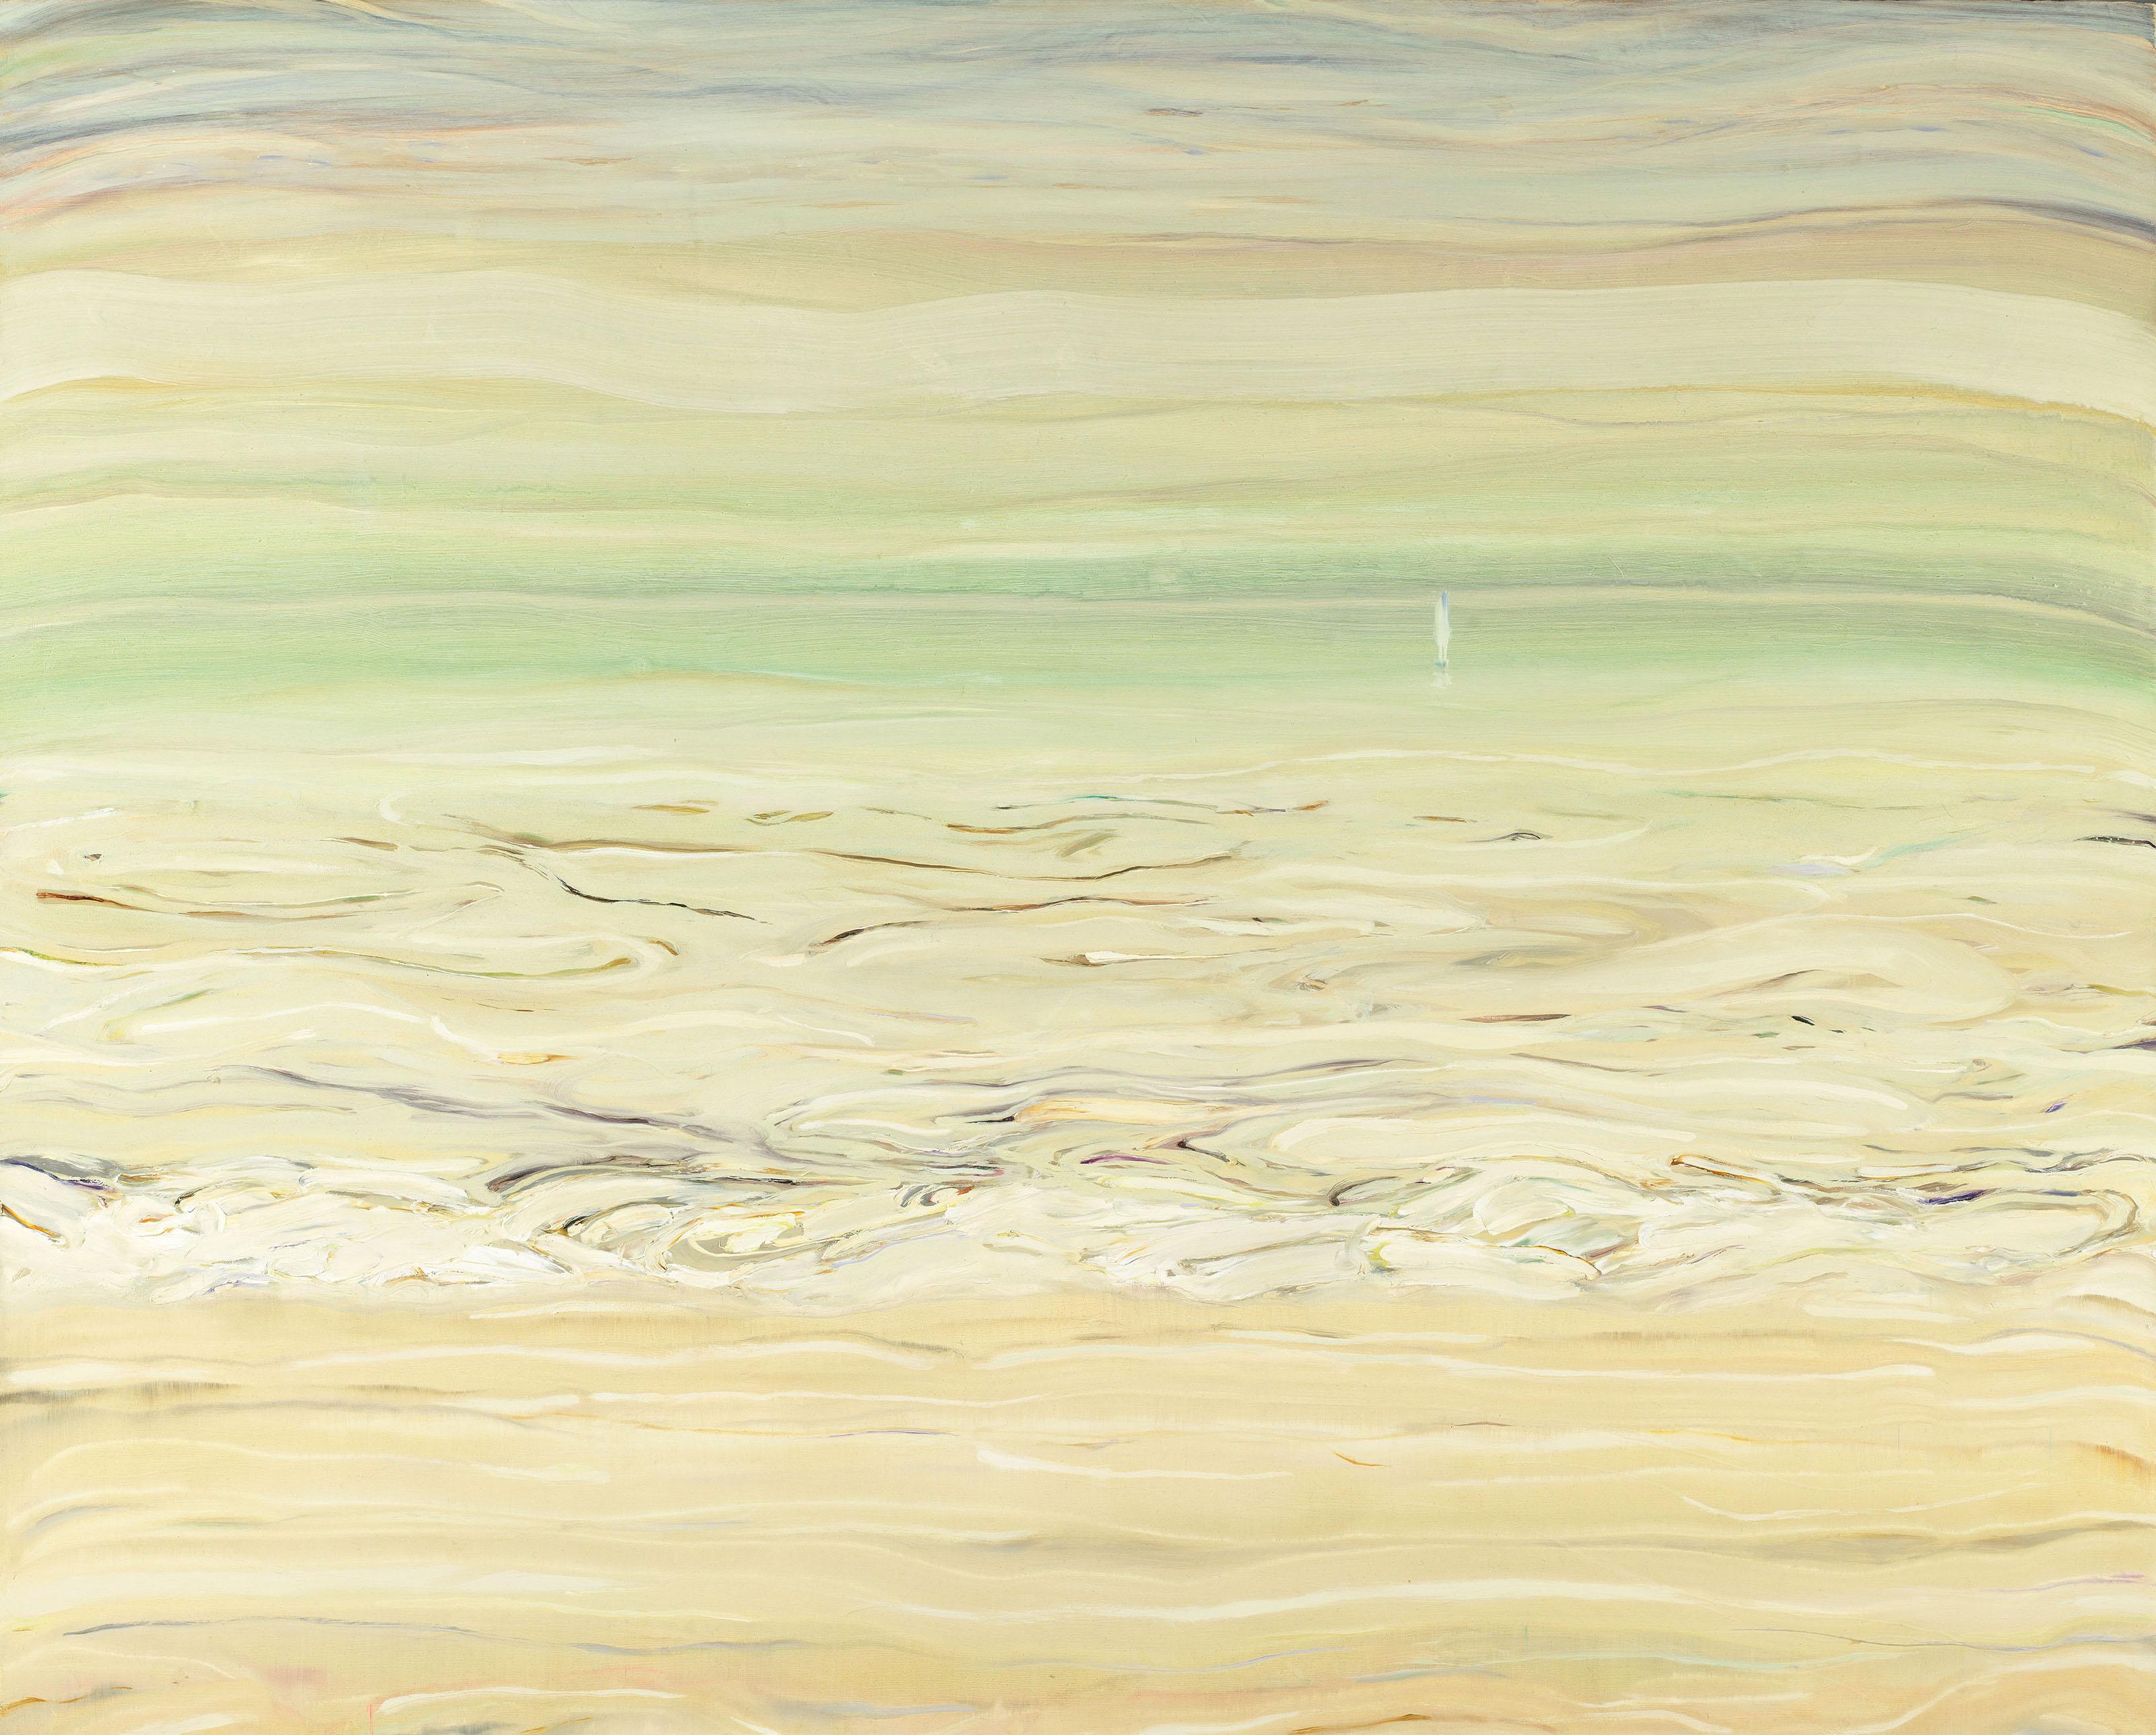 YU YASUDA (Japanese, B. 1982)